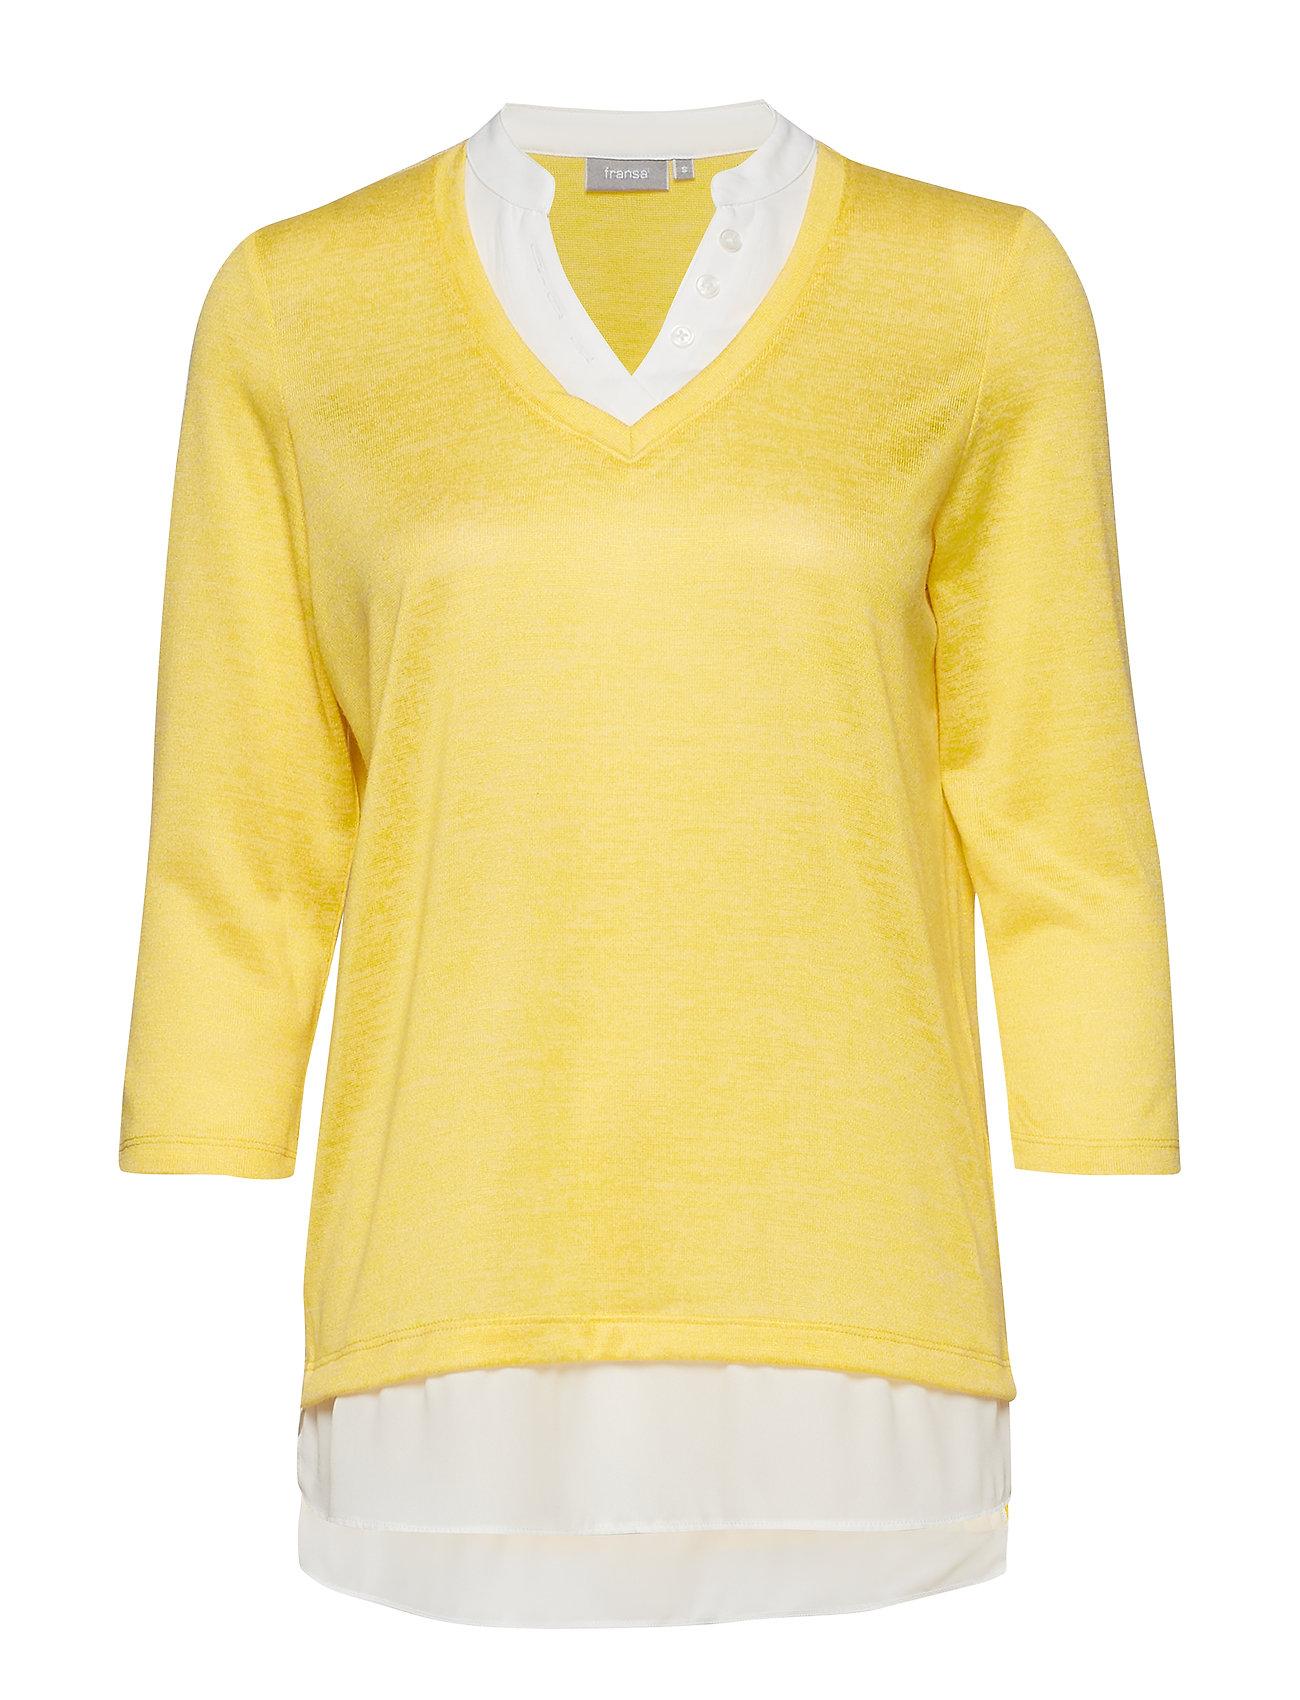 8c3b1f1c Frcipirexa 1 T-shirt (Lemon Zest Melange) (120 kr) - Fransa ...